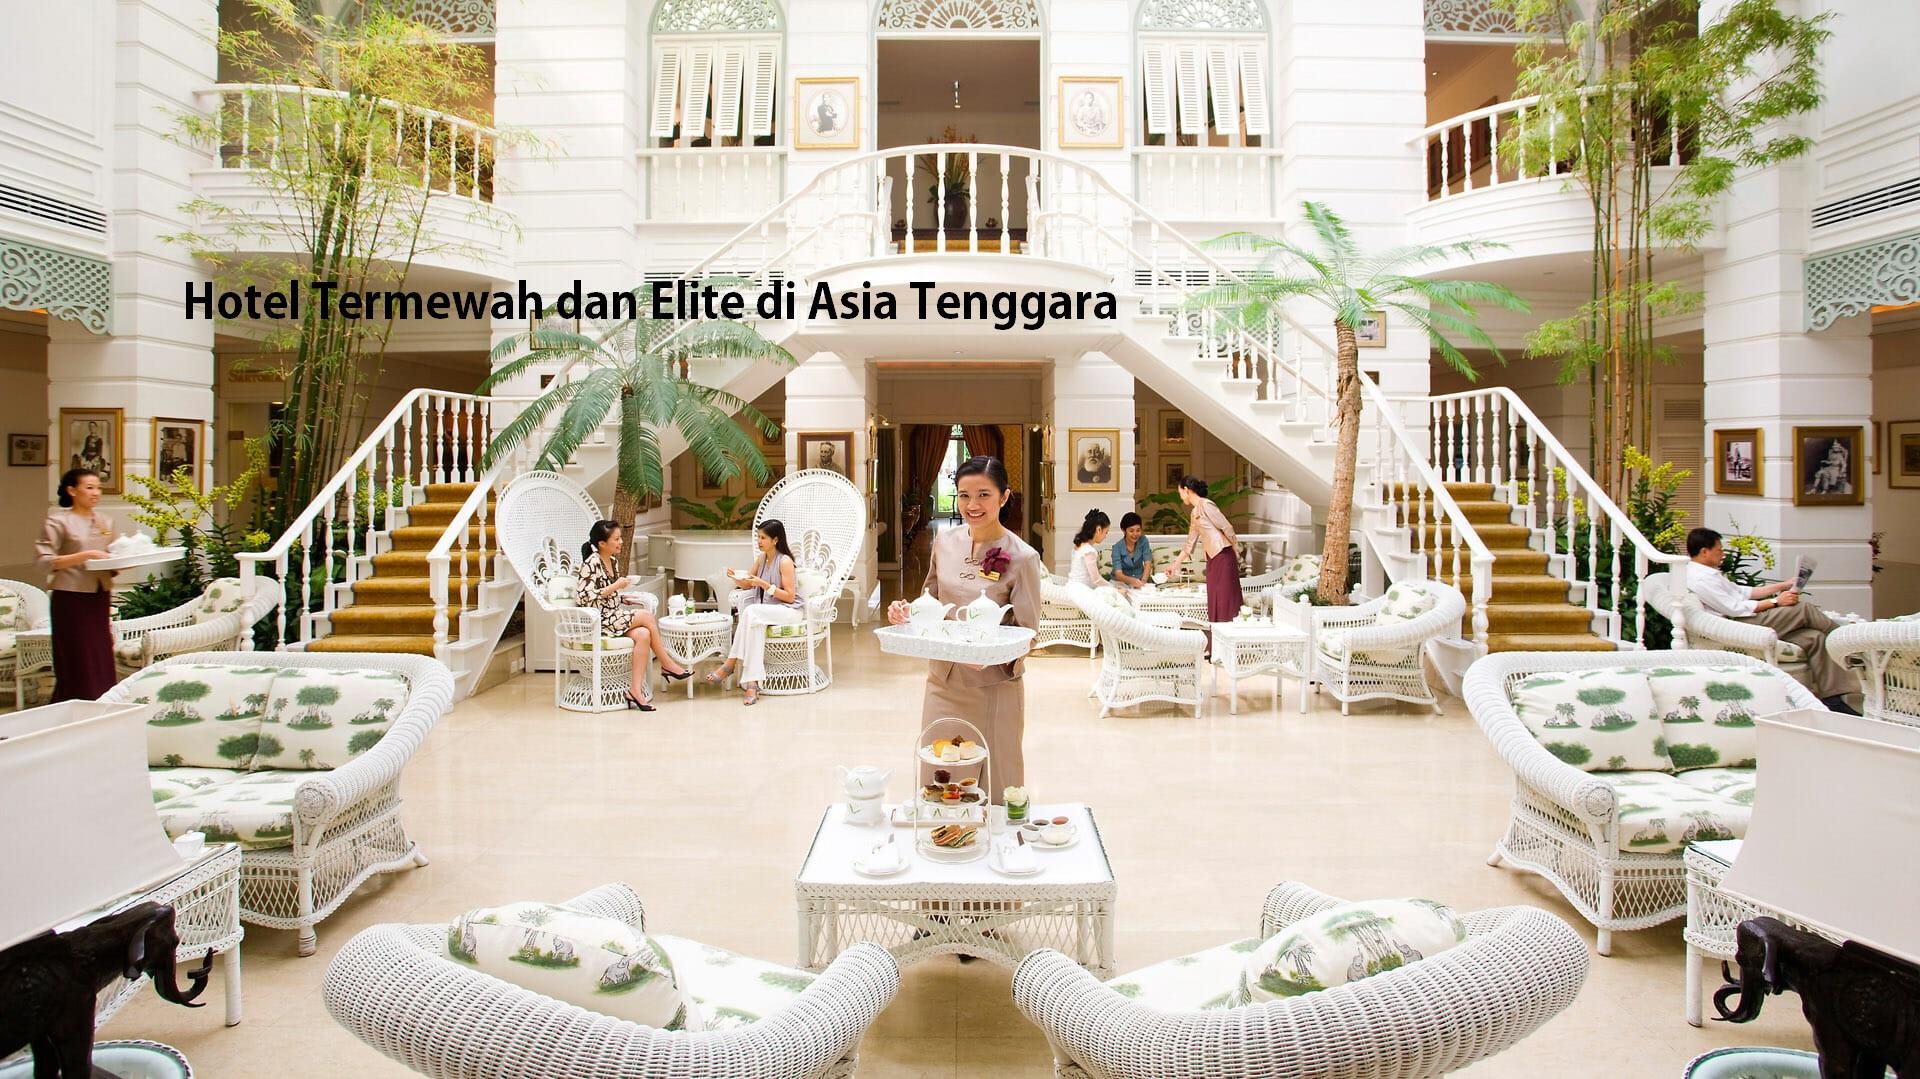 Hotel Termewah dan Elite di Asia Tenggara